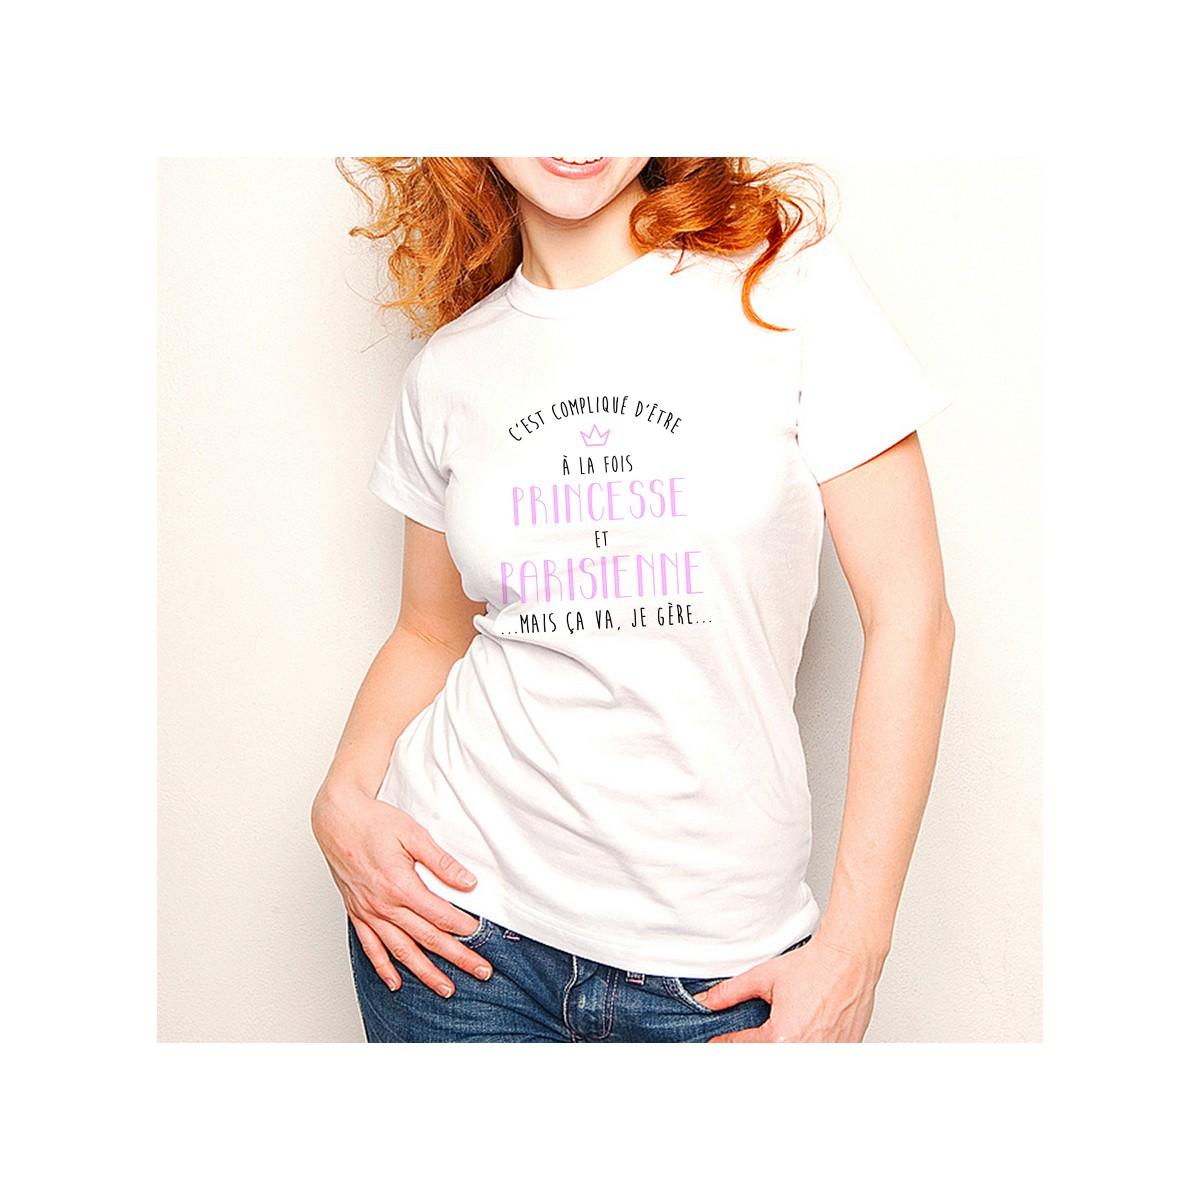 T-shirt Compliqué d'être à la fois Princesse et Parisienne